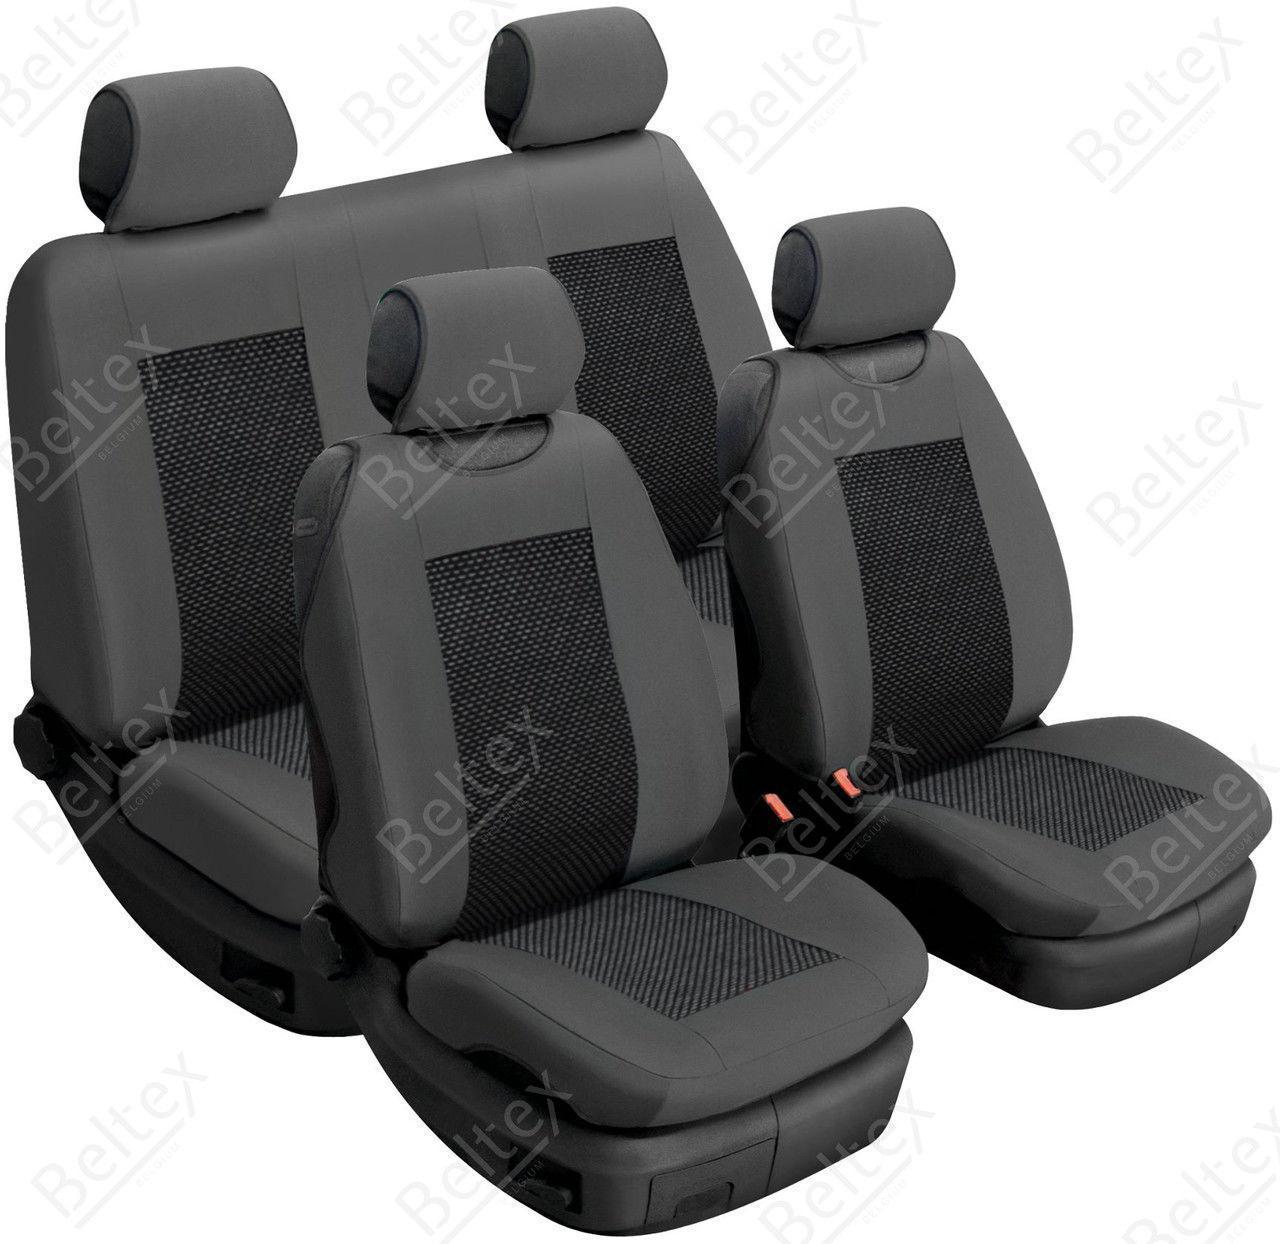 Майки/чехлы на сиденья Ауди А6 С4 (Audi A6 C4)